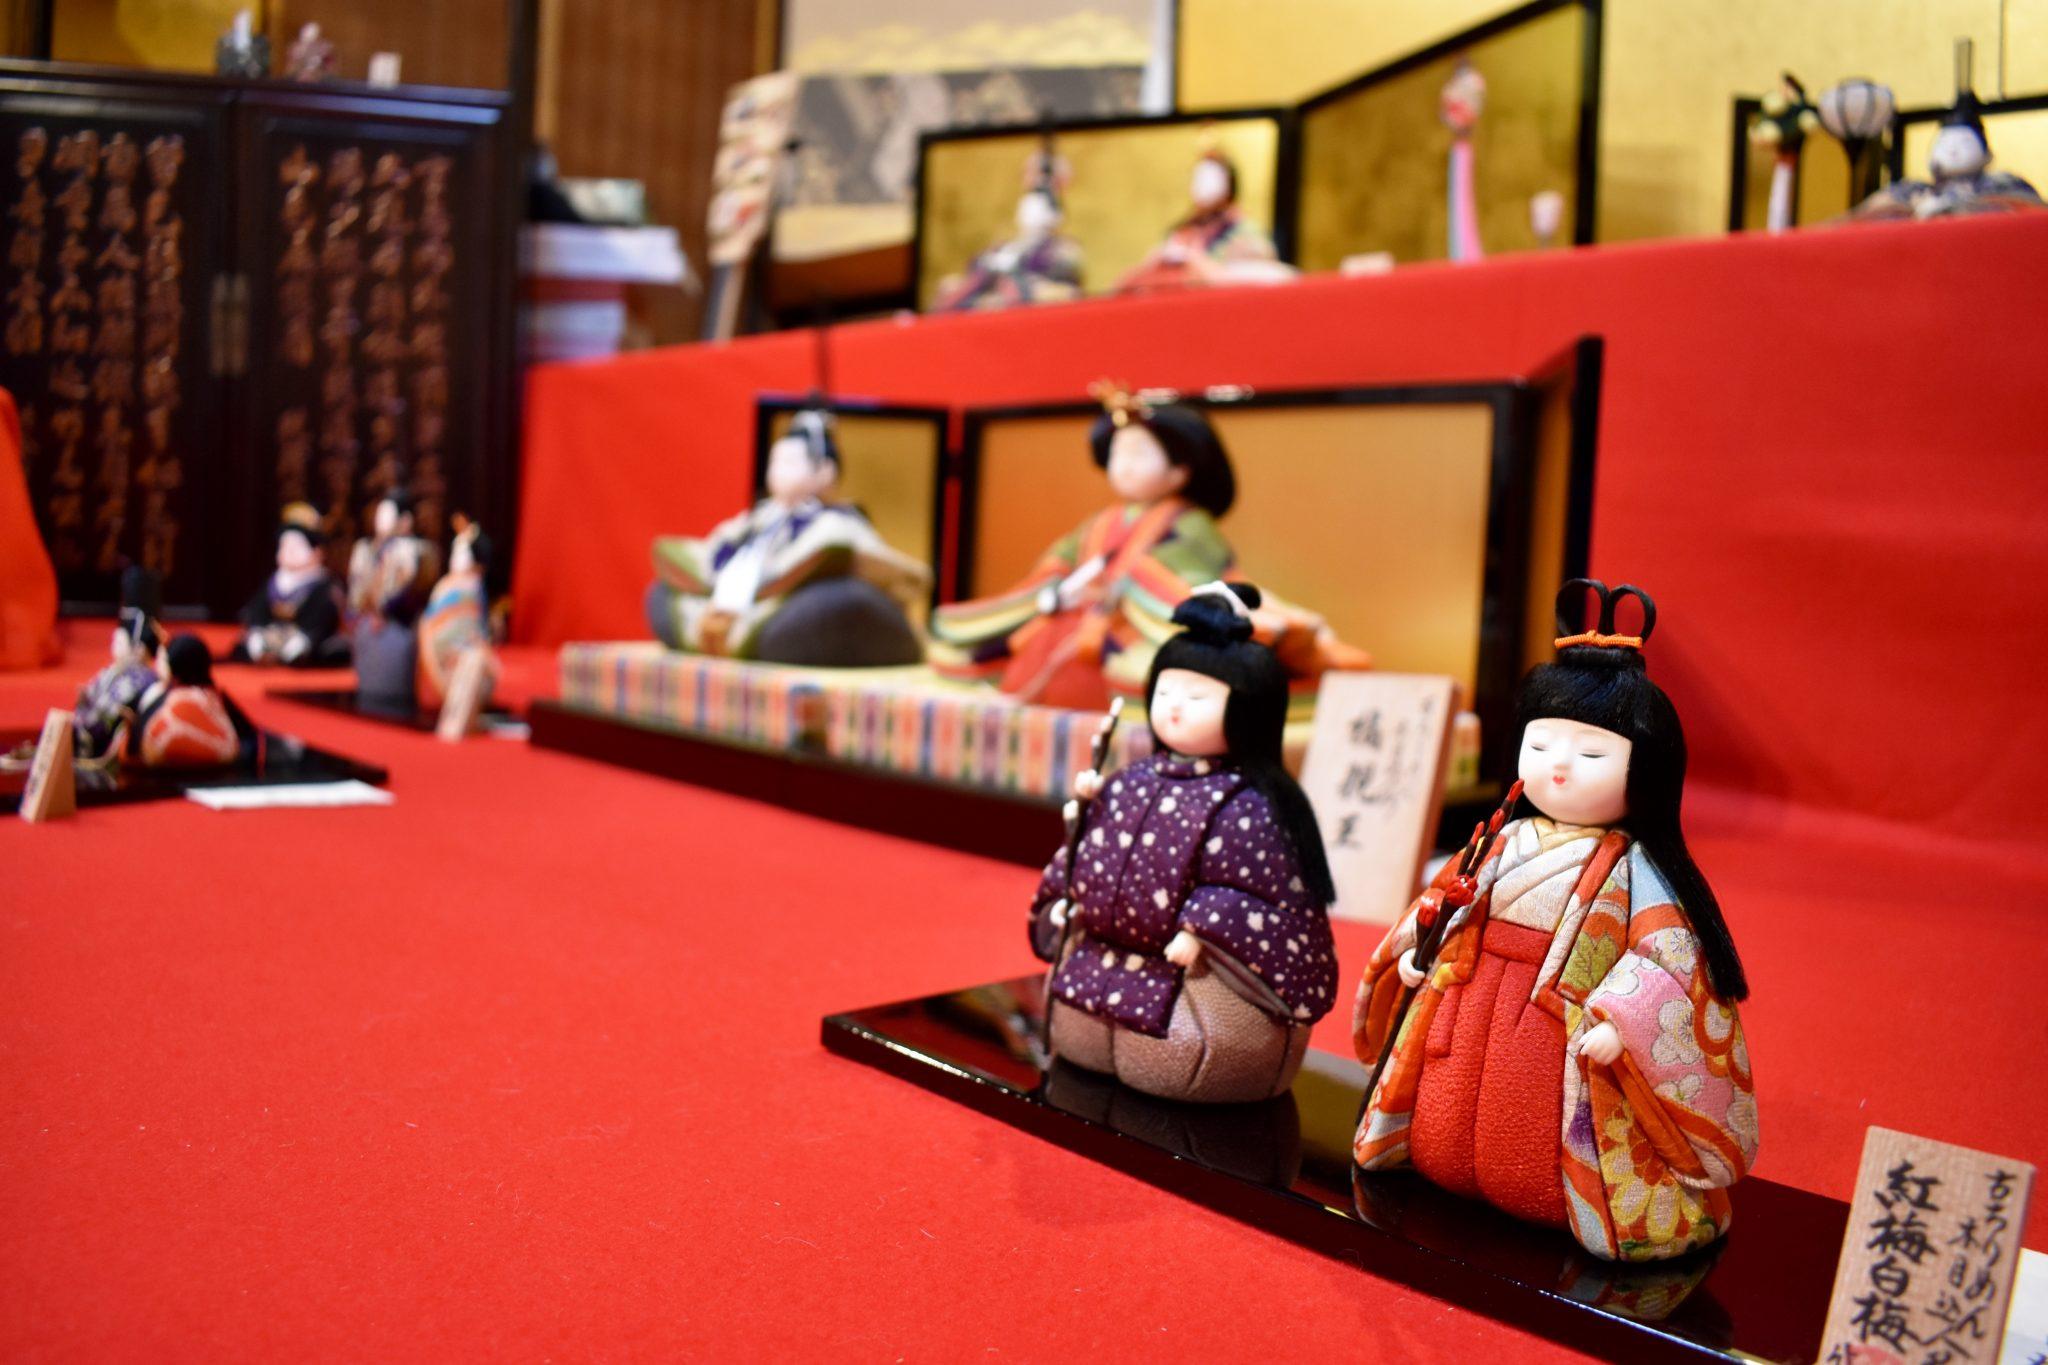 京の木目込人形展 古ちりめんで作られた逸品 都留市 美術 文化 個展 1